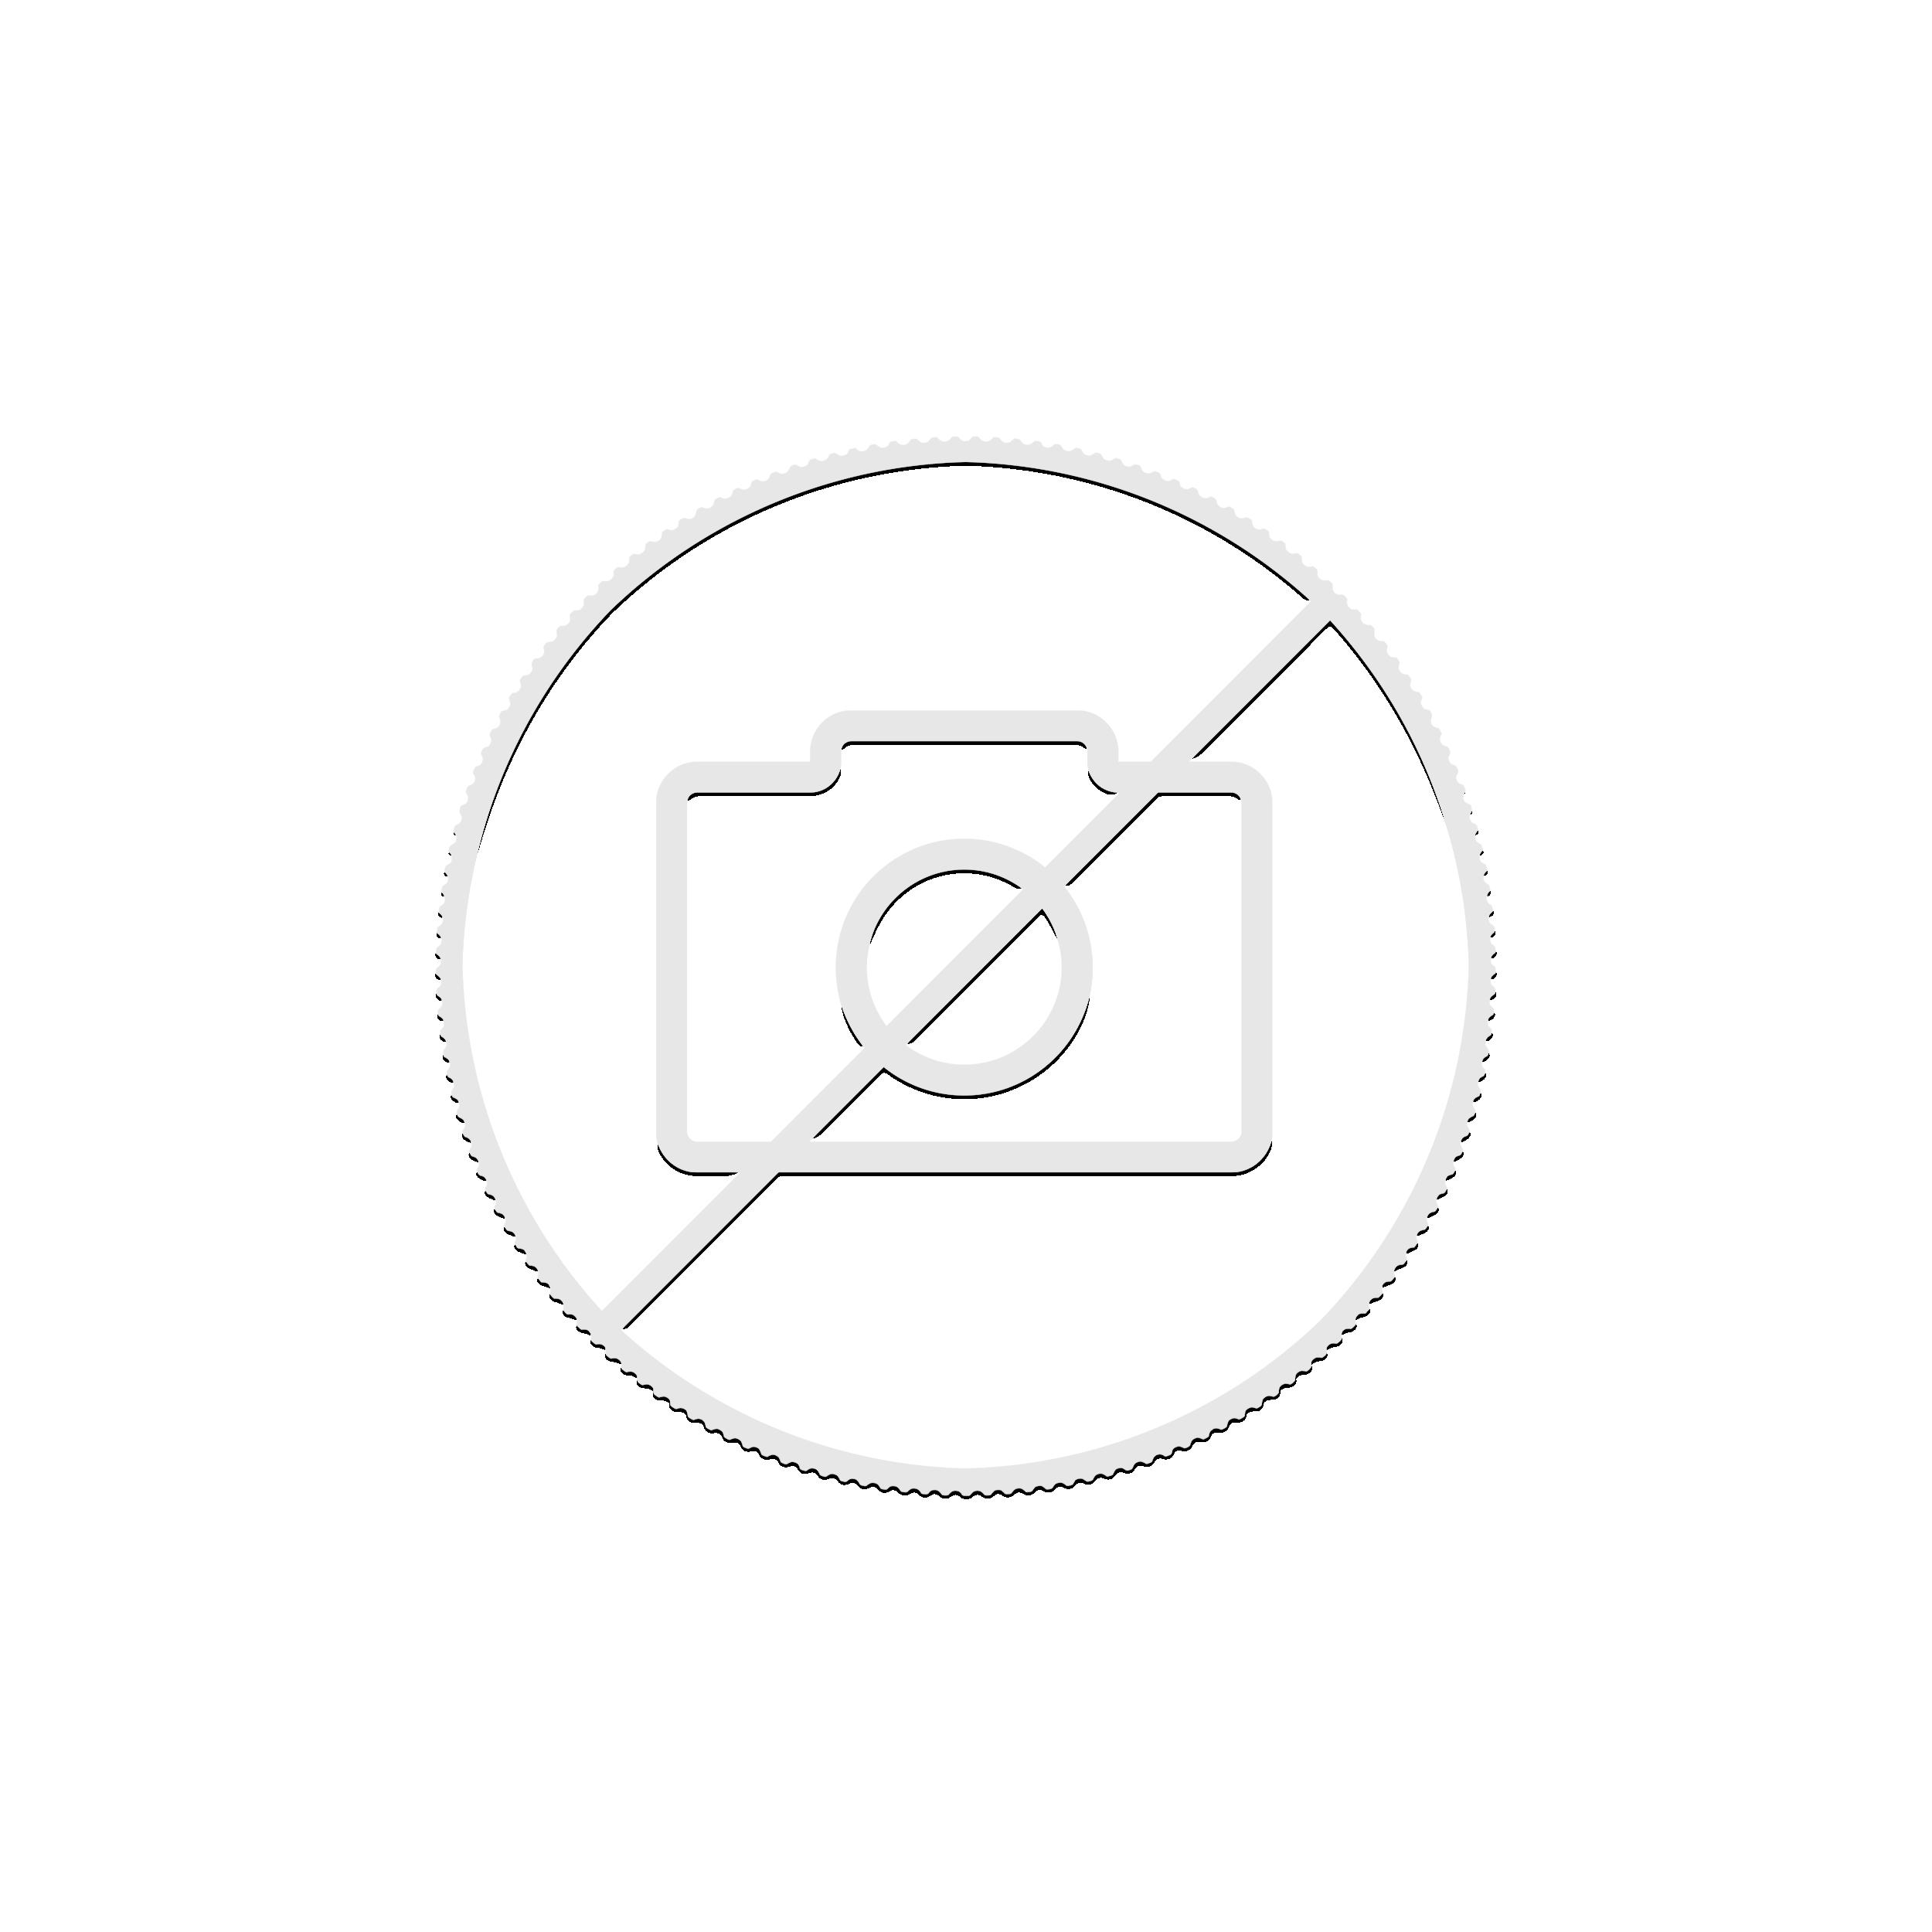 1 troy ounce zilveren munt supergirl 2021 Proof